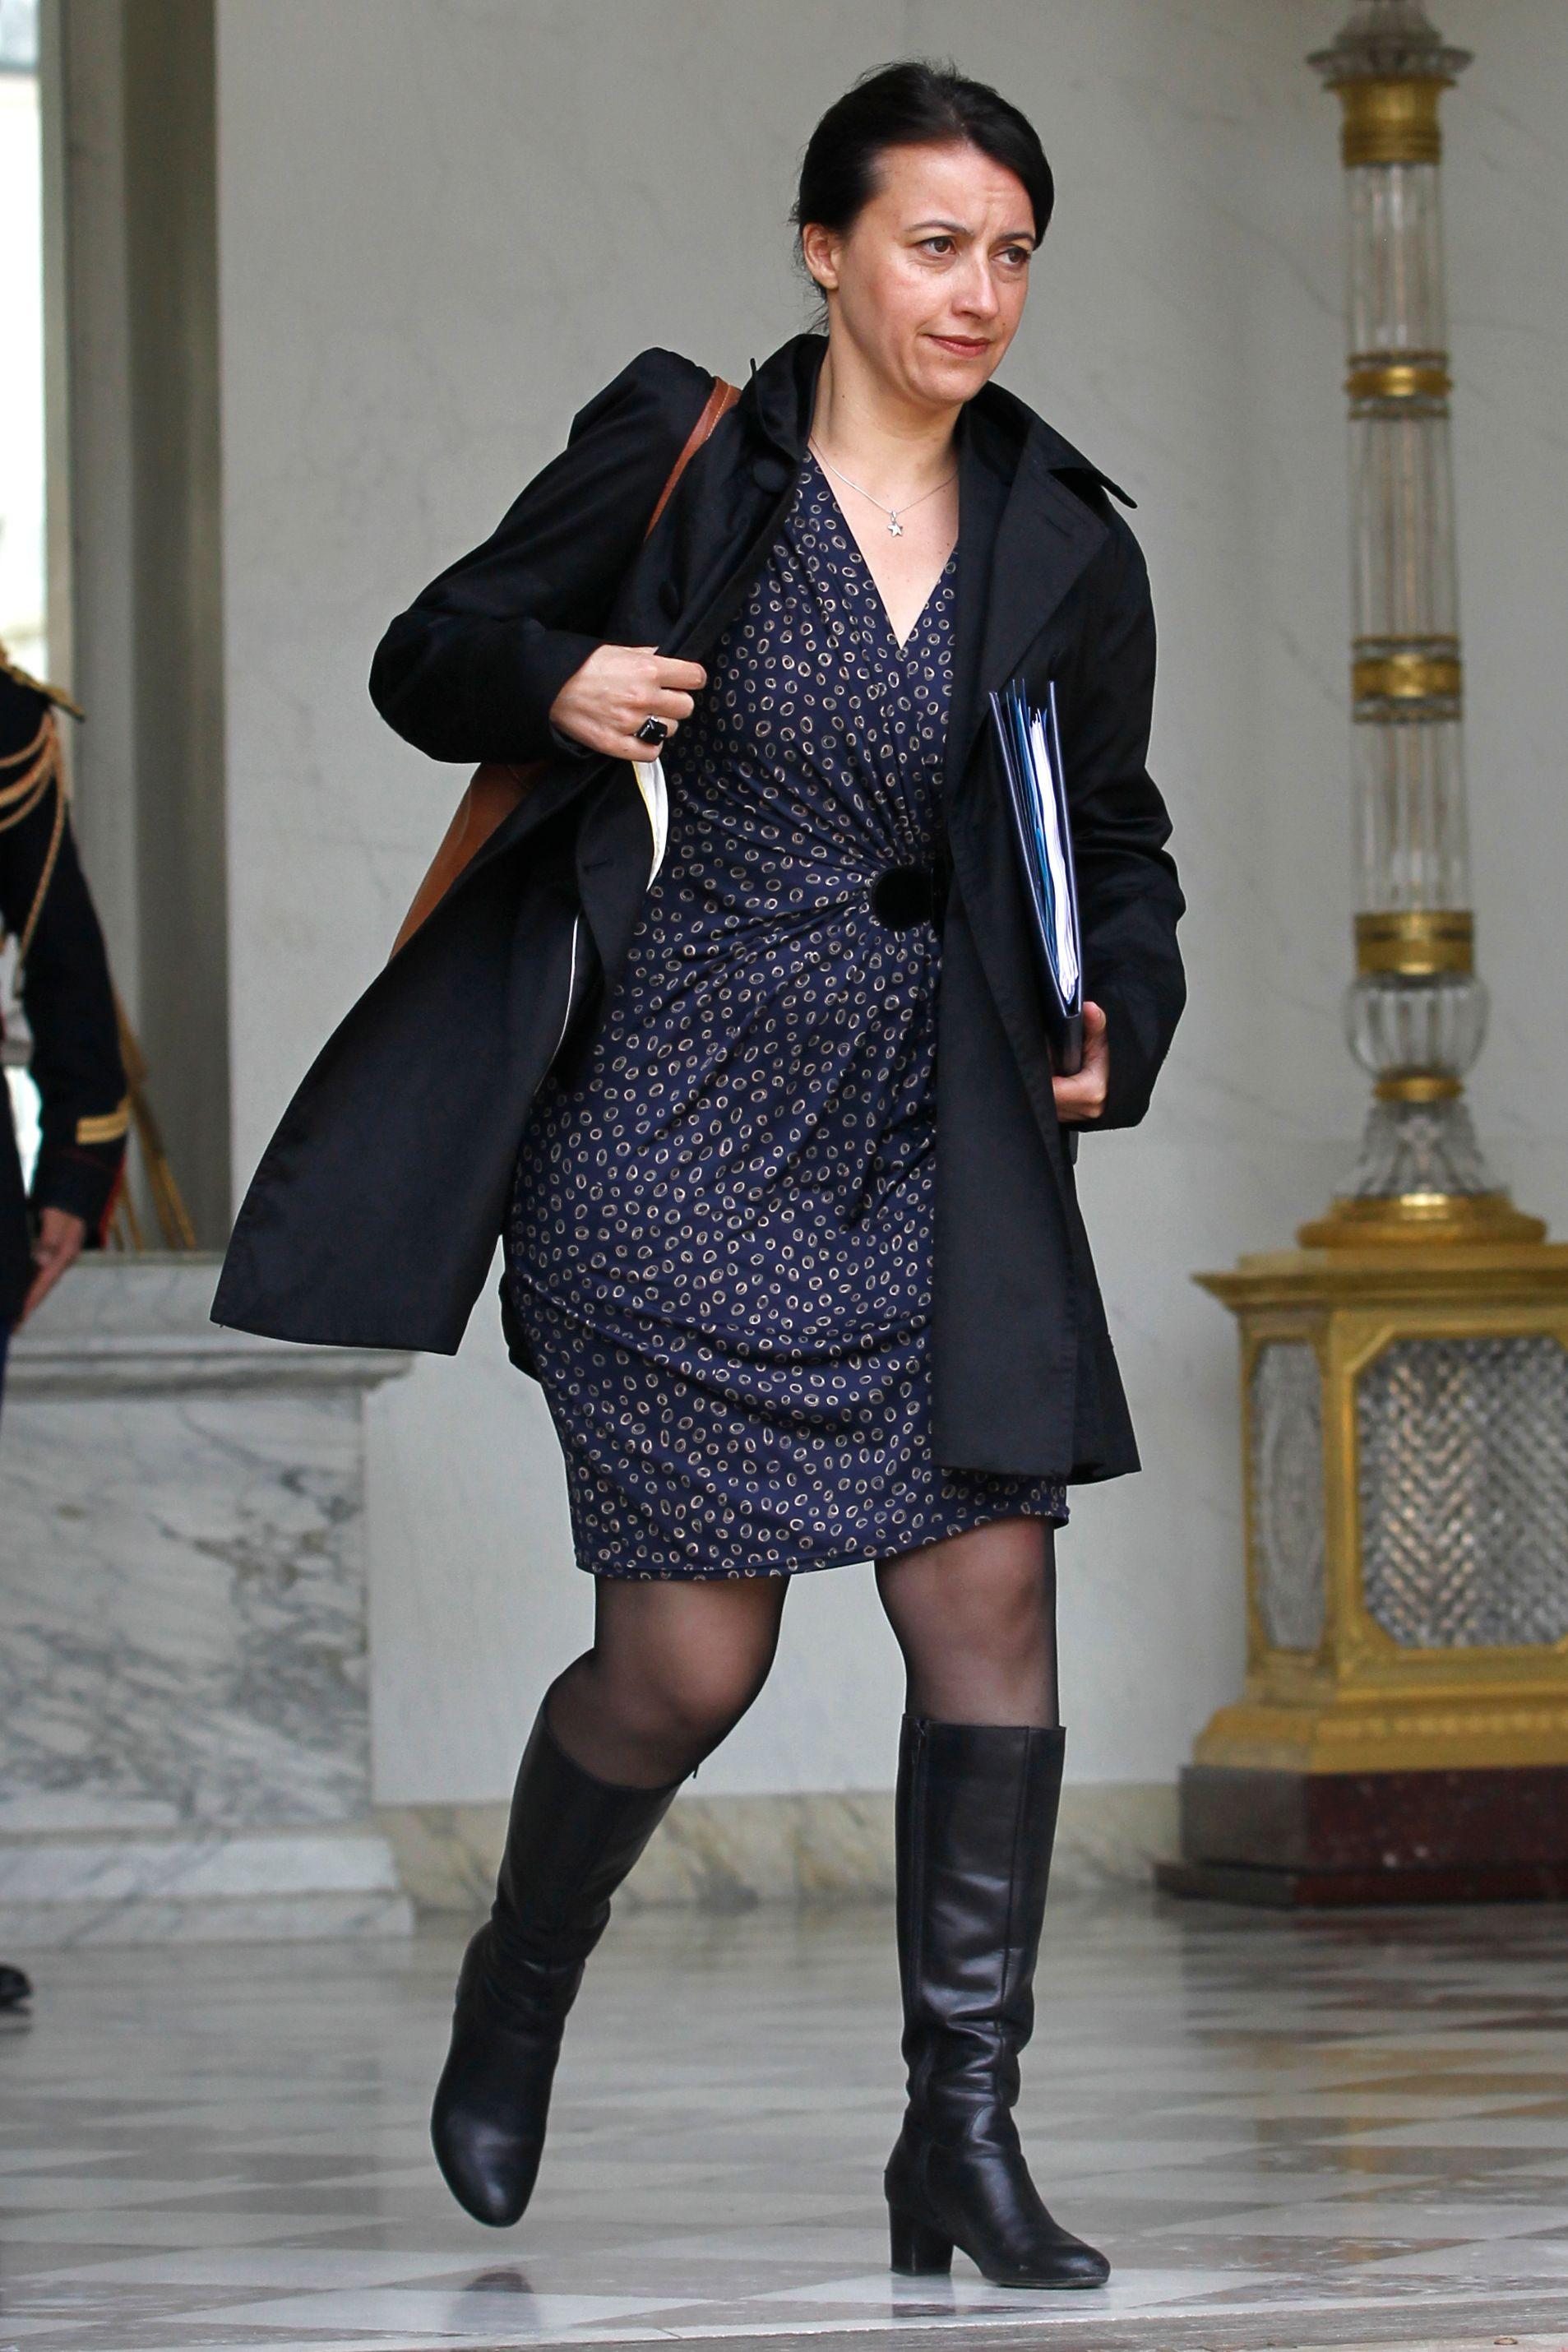 Cécile Duflot affirme avoir songé à quitter le gouvernement après l'éviction de Delphine Batho.